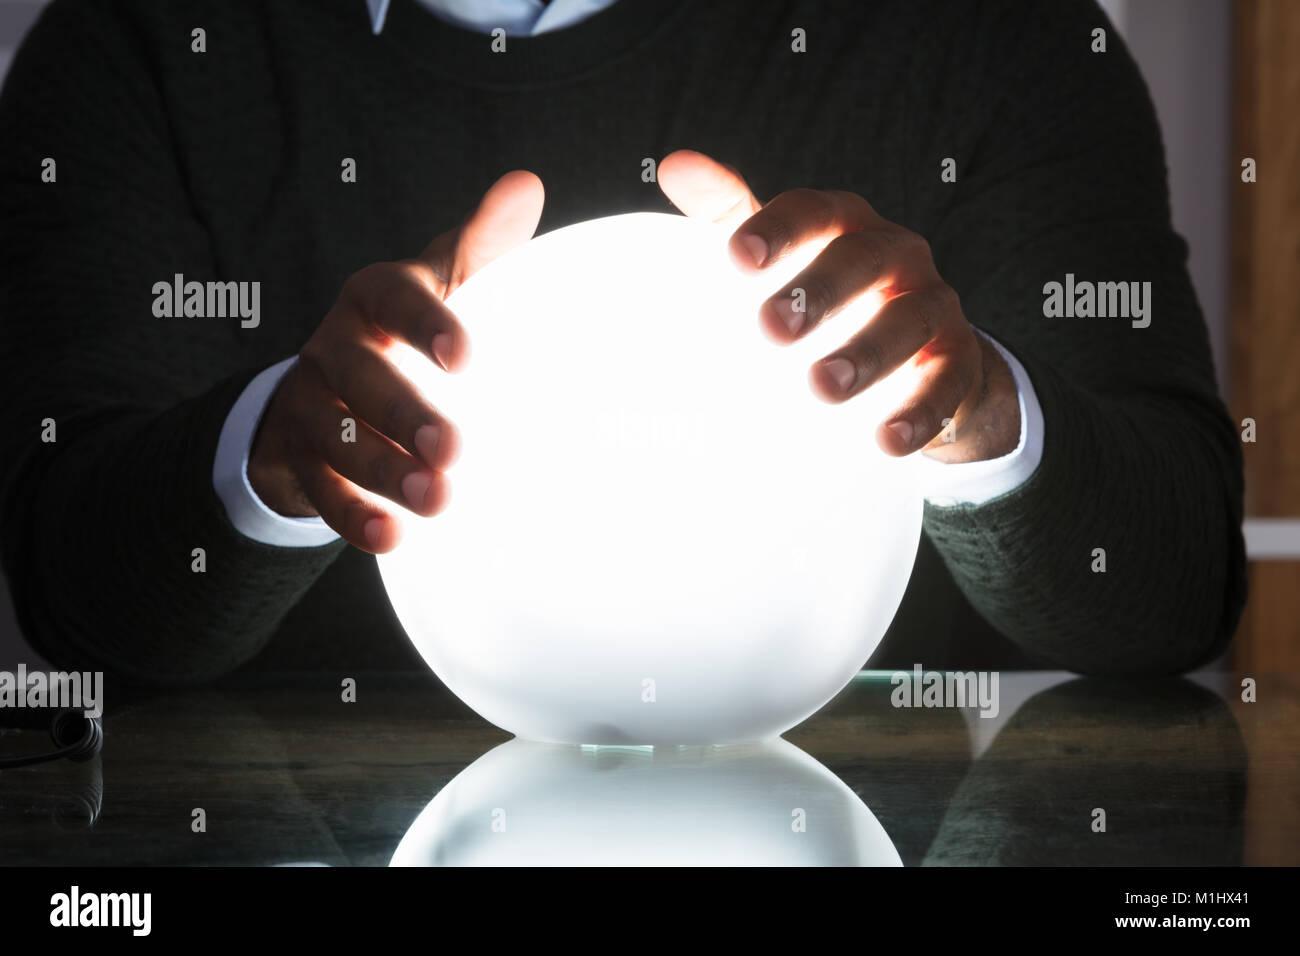 Nahaufnahme der Geschäftsmann Hände auf Crystal Ball auf dem Schreibtisch im Büro Stockbild